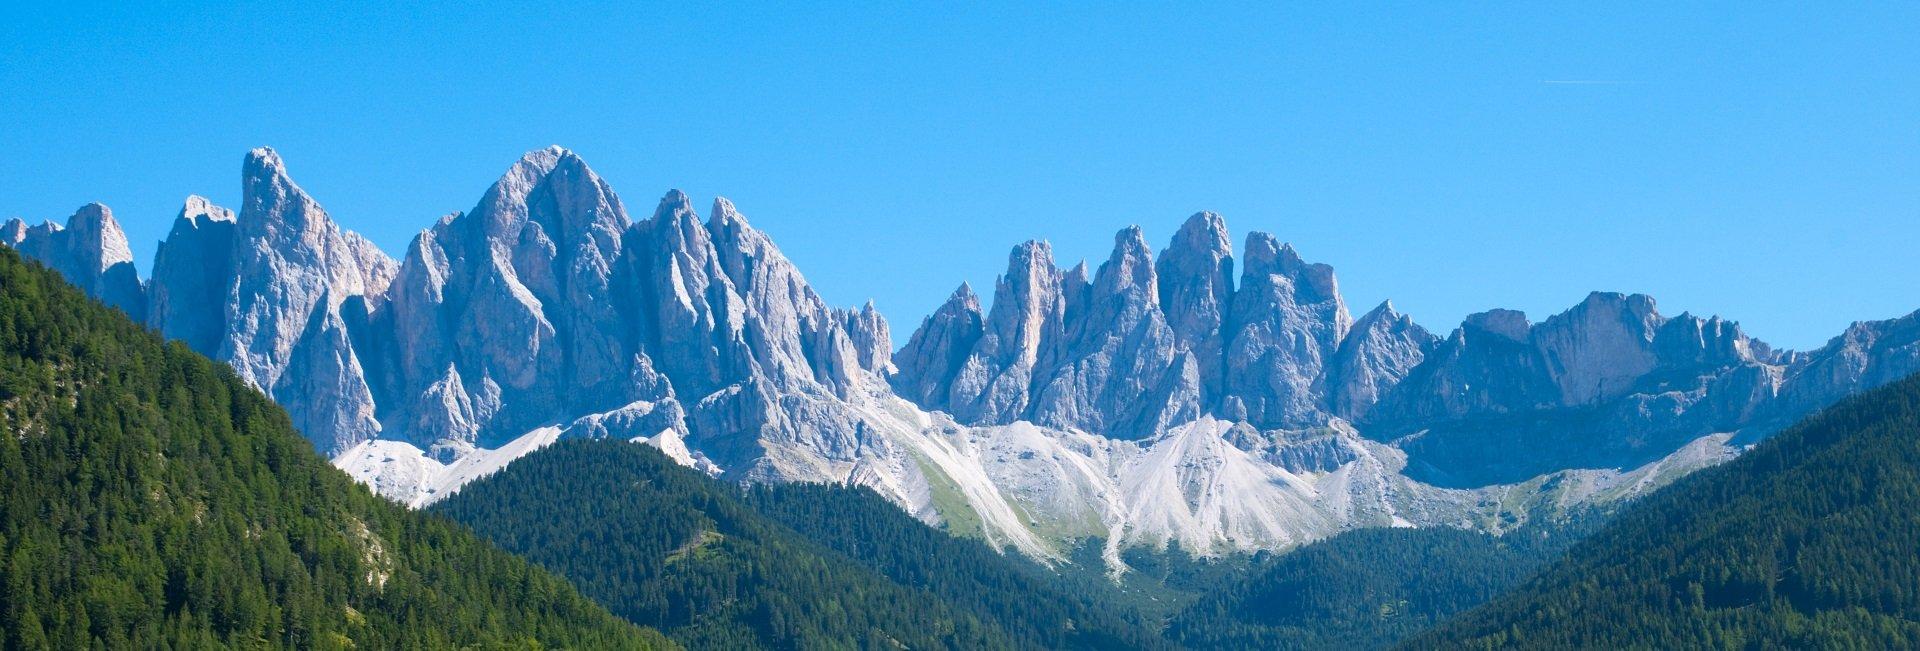 vakantie-italie-oostenrijk-sunna-travel.jpg